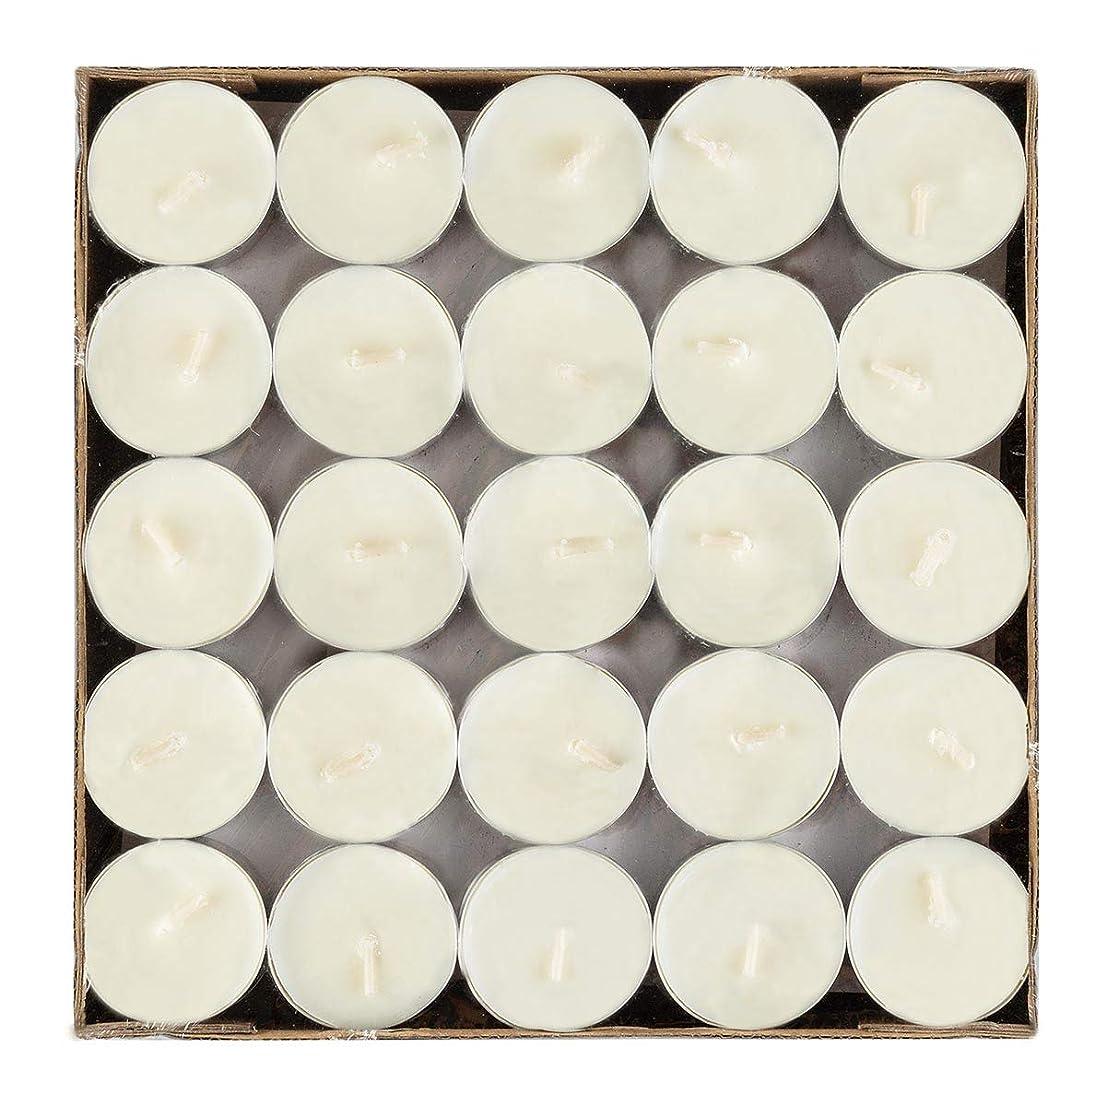 ブランド名悪因子短くするHwagui キャンドル ハート型 温かいお茶キャンドル 香りのキャンドル ギー 2-4時間 (白 キャンドル 4時間)